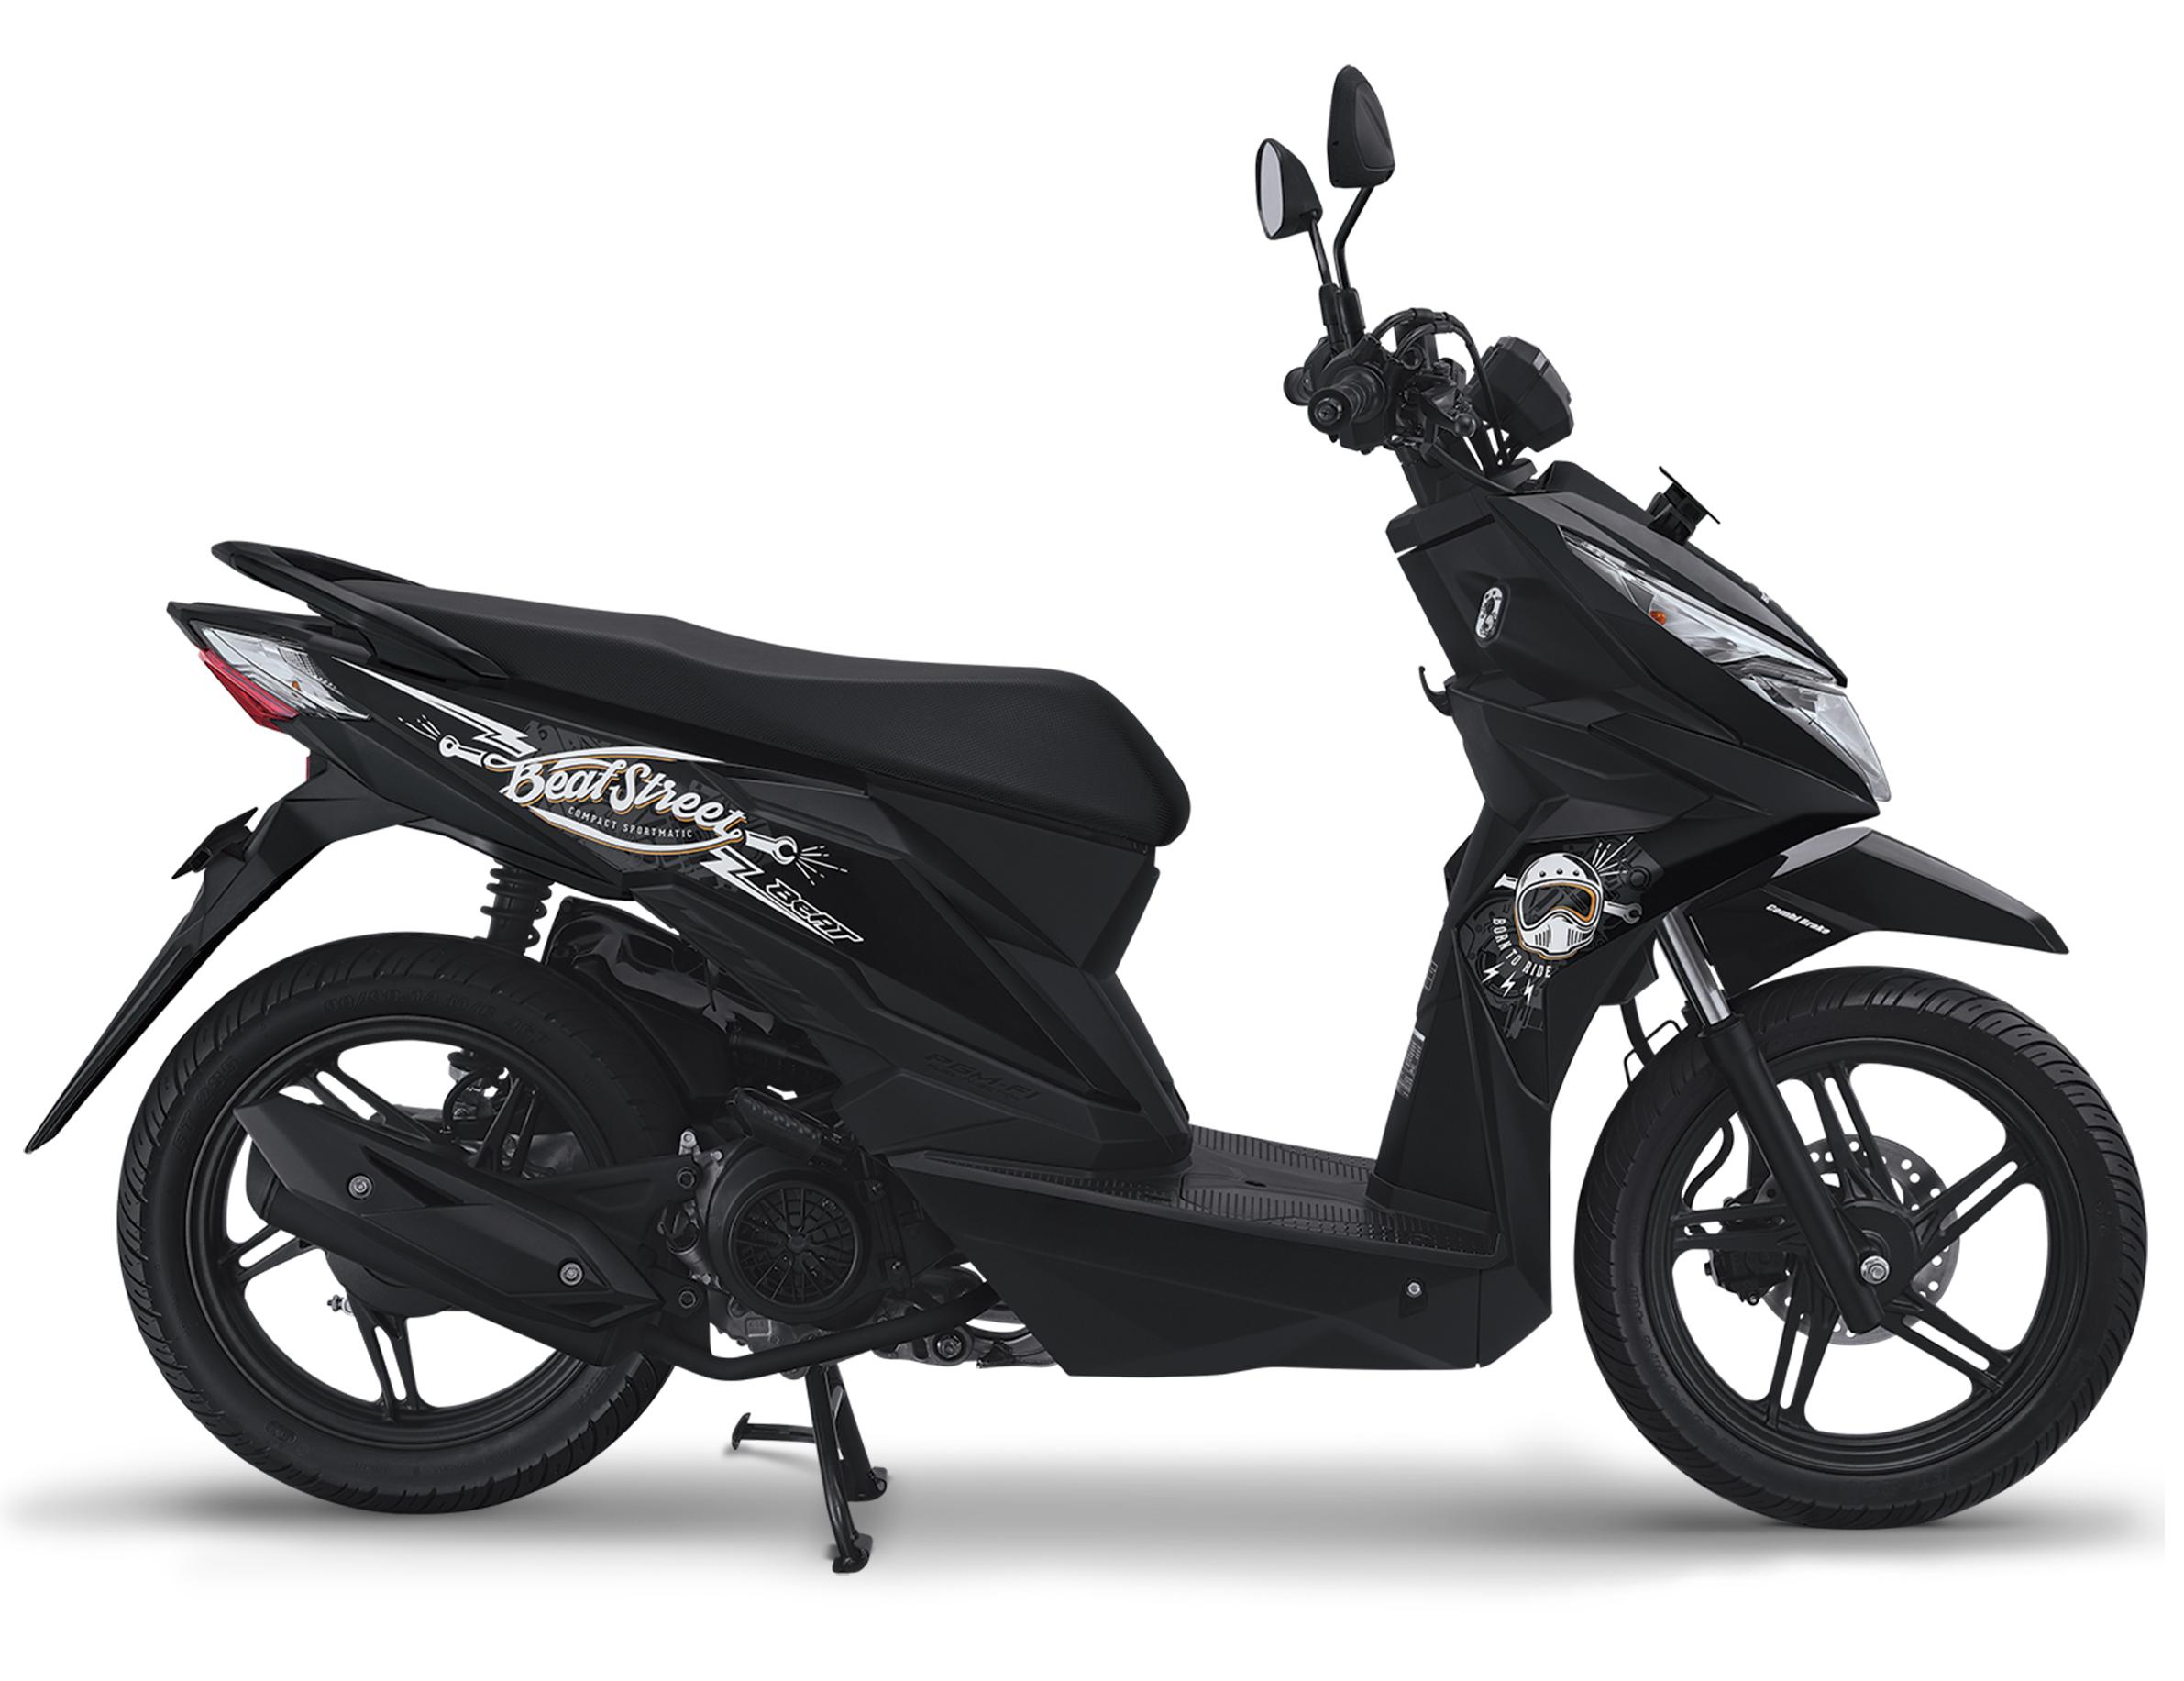 Harga Jual Sepeda Motor New Honda Beat Indonesia Yang Street Esp White Purbalingga Hadir Menjawab Mereka Ingin